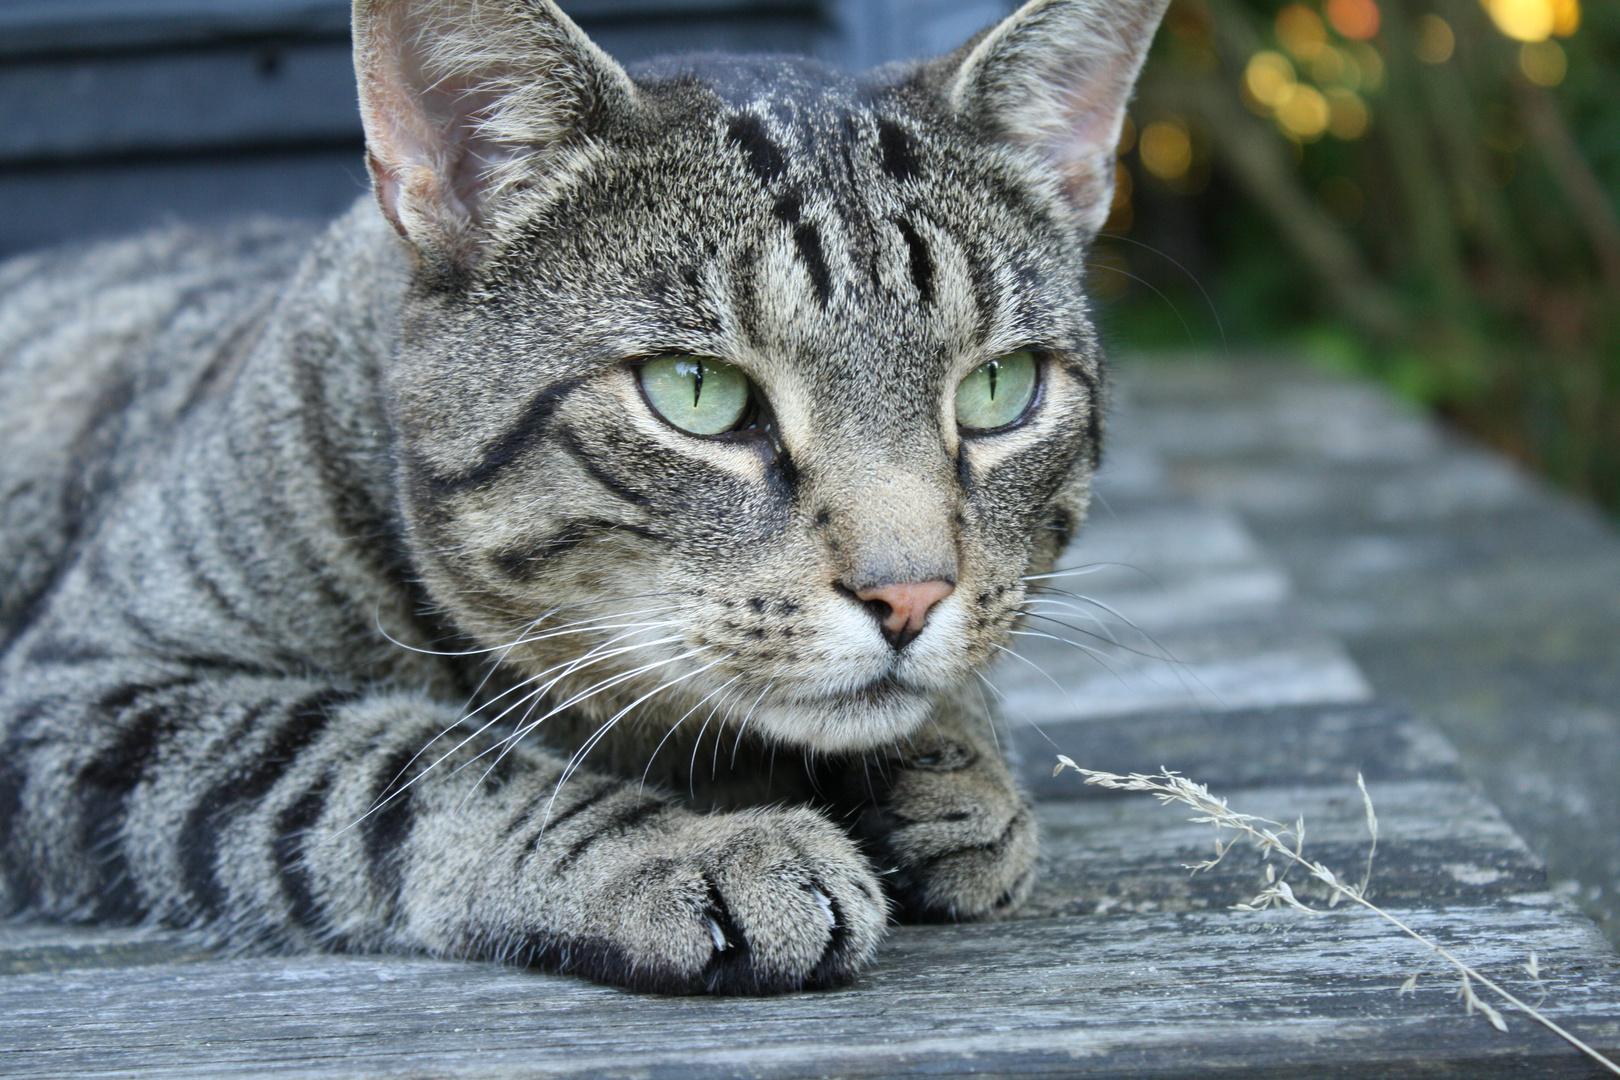 Gott schuf die Katze, damit der Mensch einen Tiger zum streicheln hat.